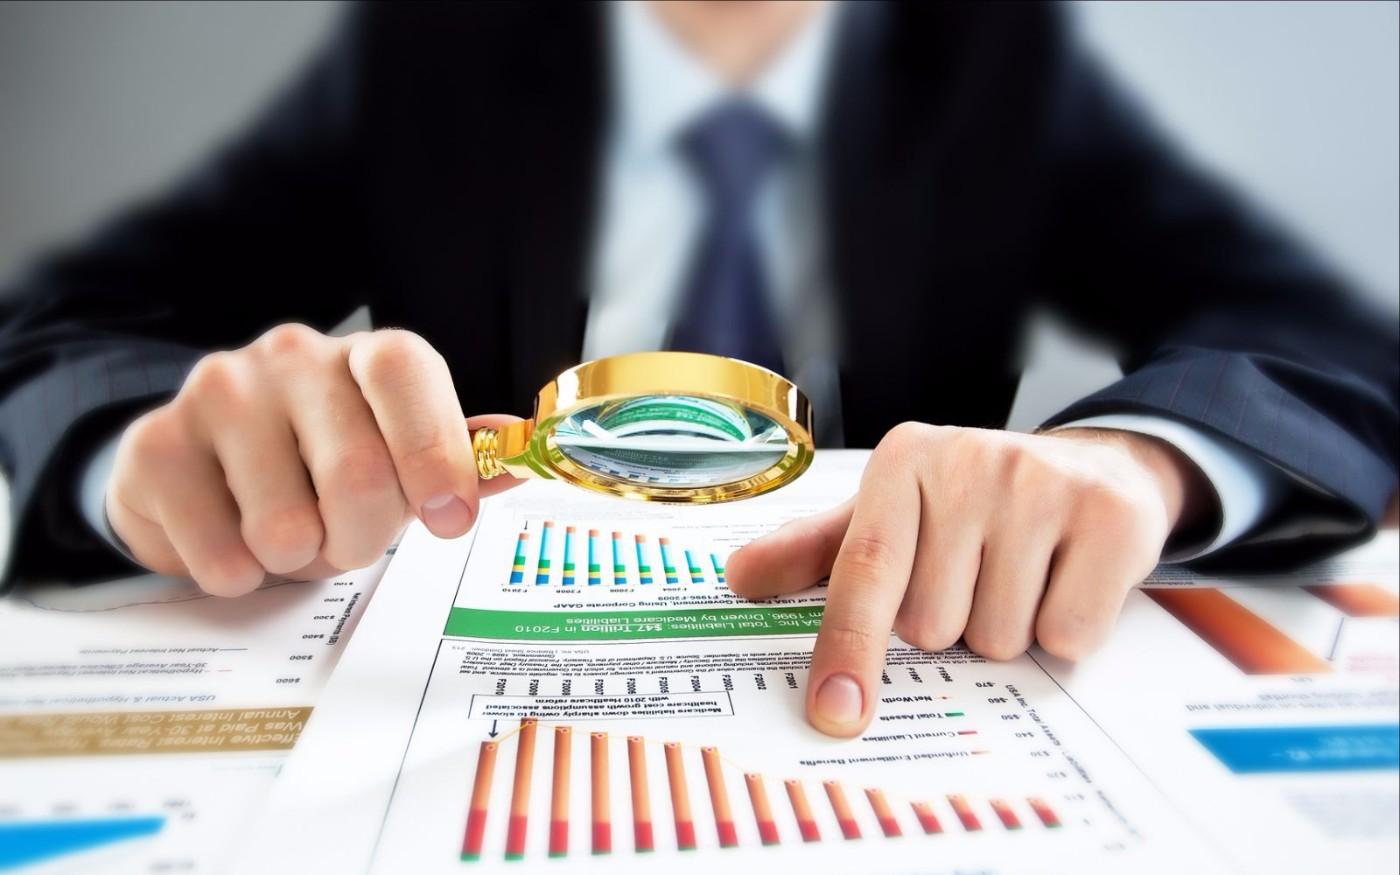 федеральный закон о банках и банковской деятельности